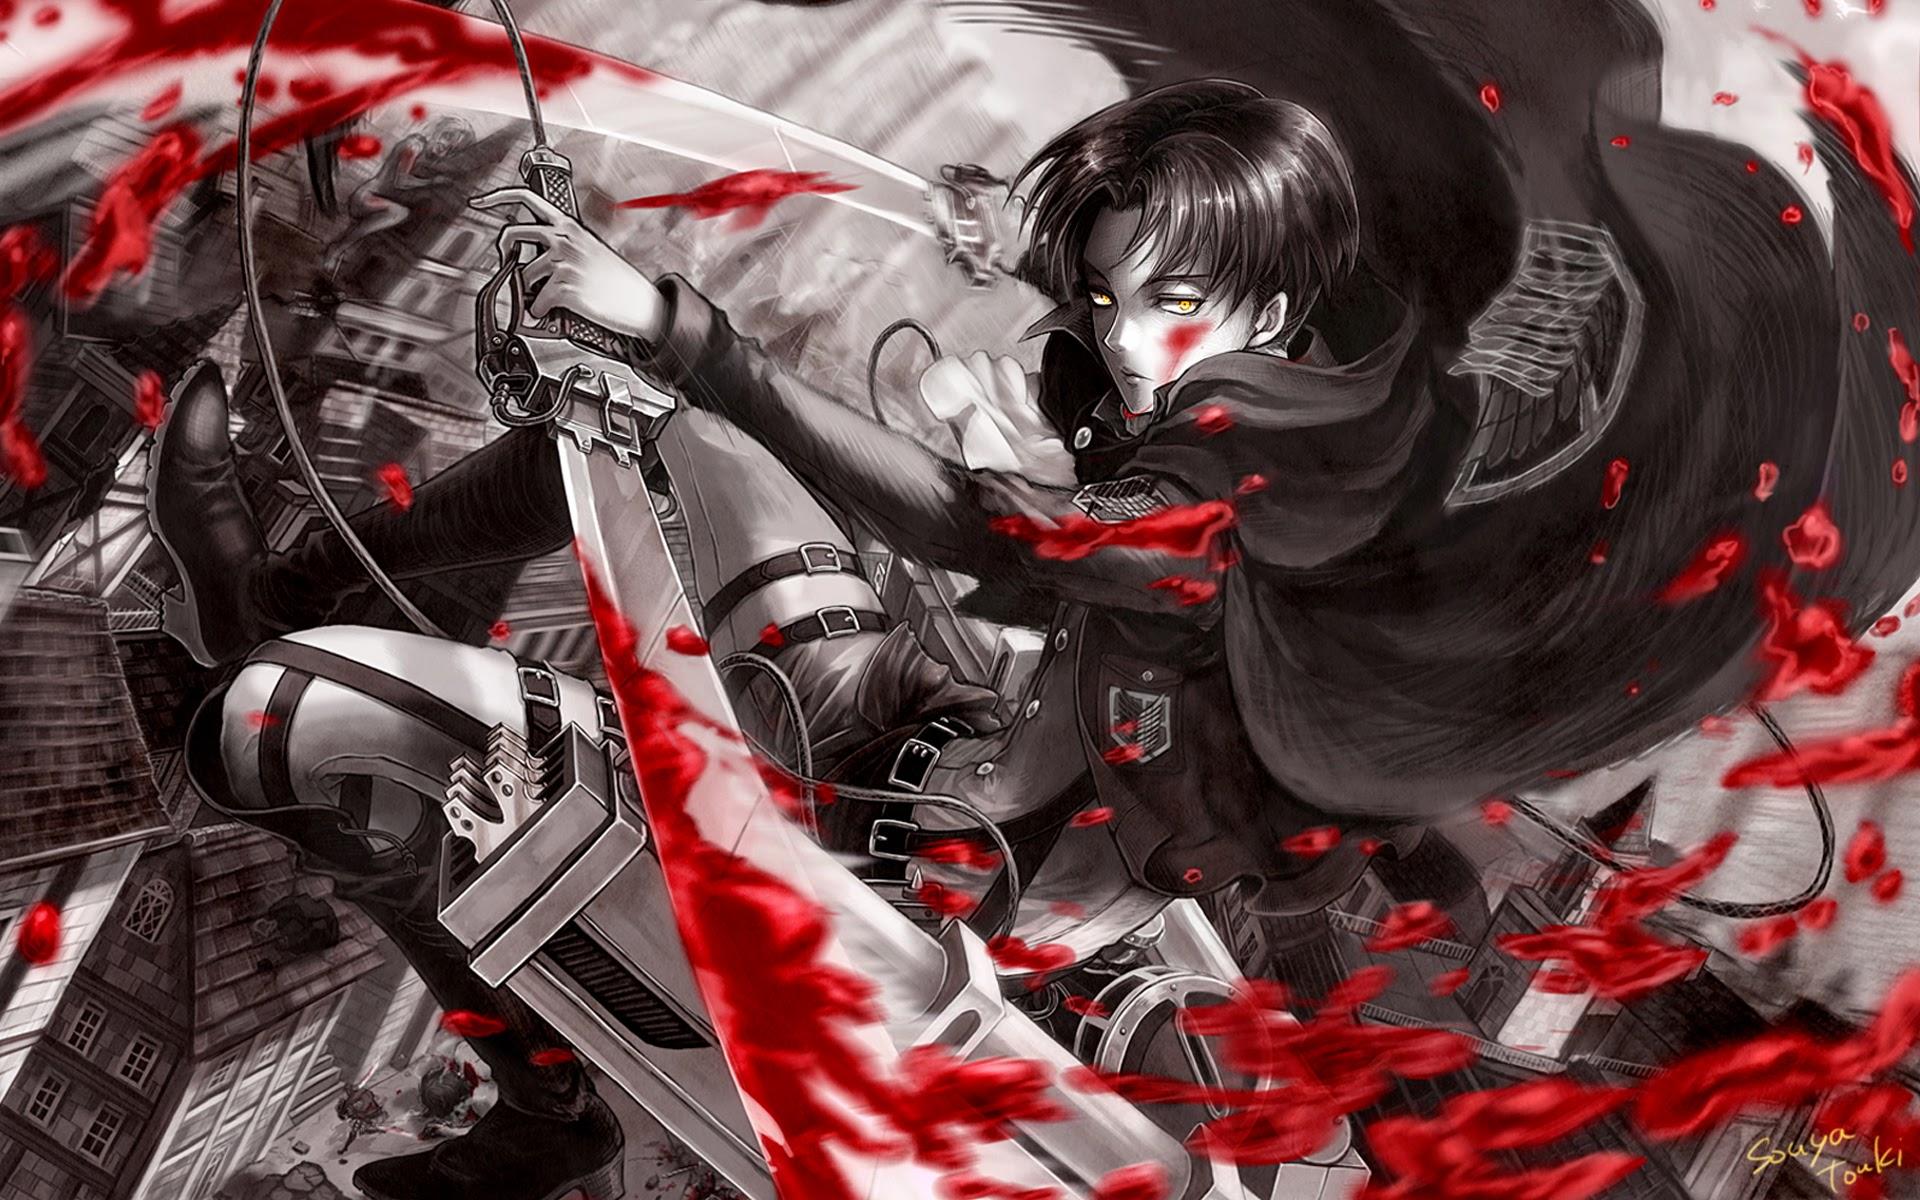 attack-on-titan-hd-Google-Search-wallpaper-wp423794-1